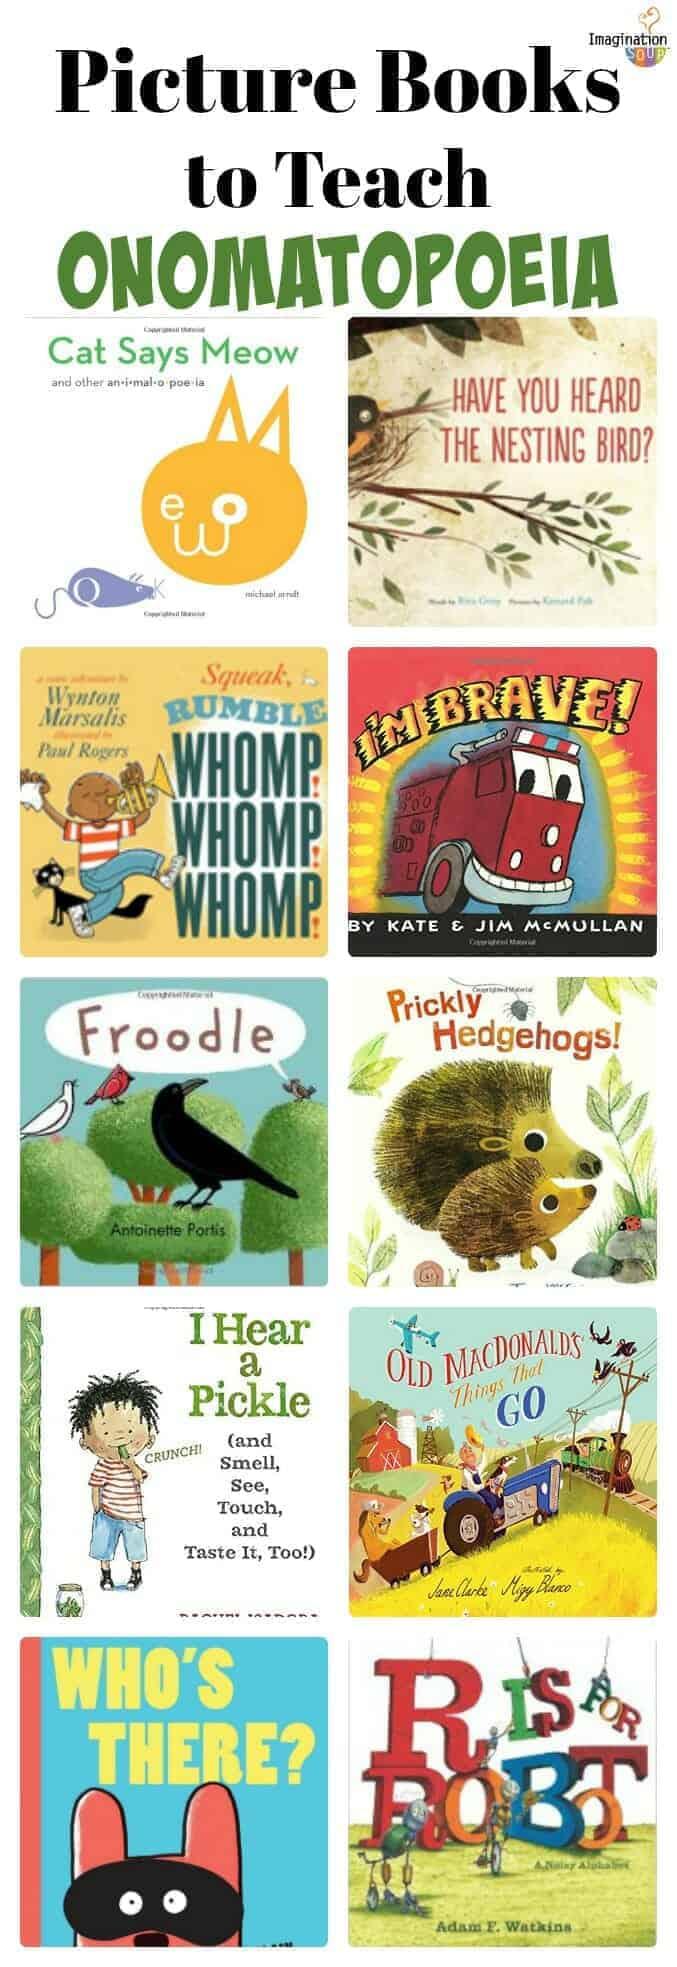 Picture Books to Teach Onomatopoeia